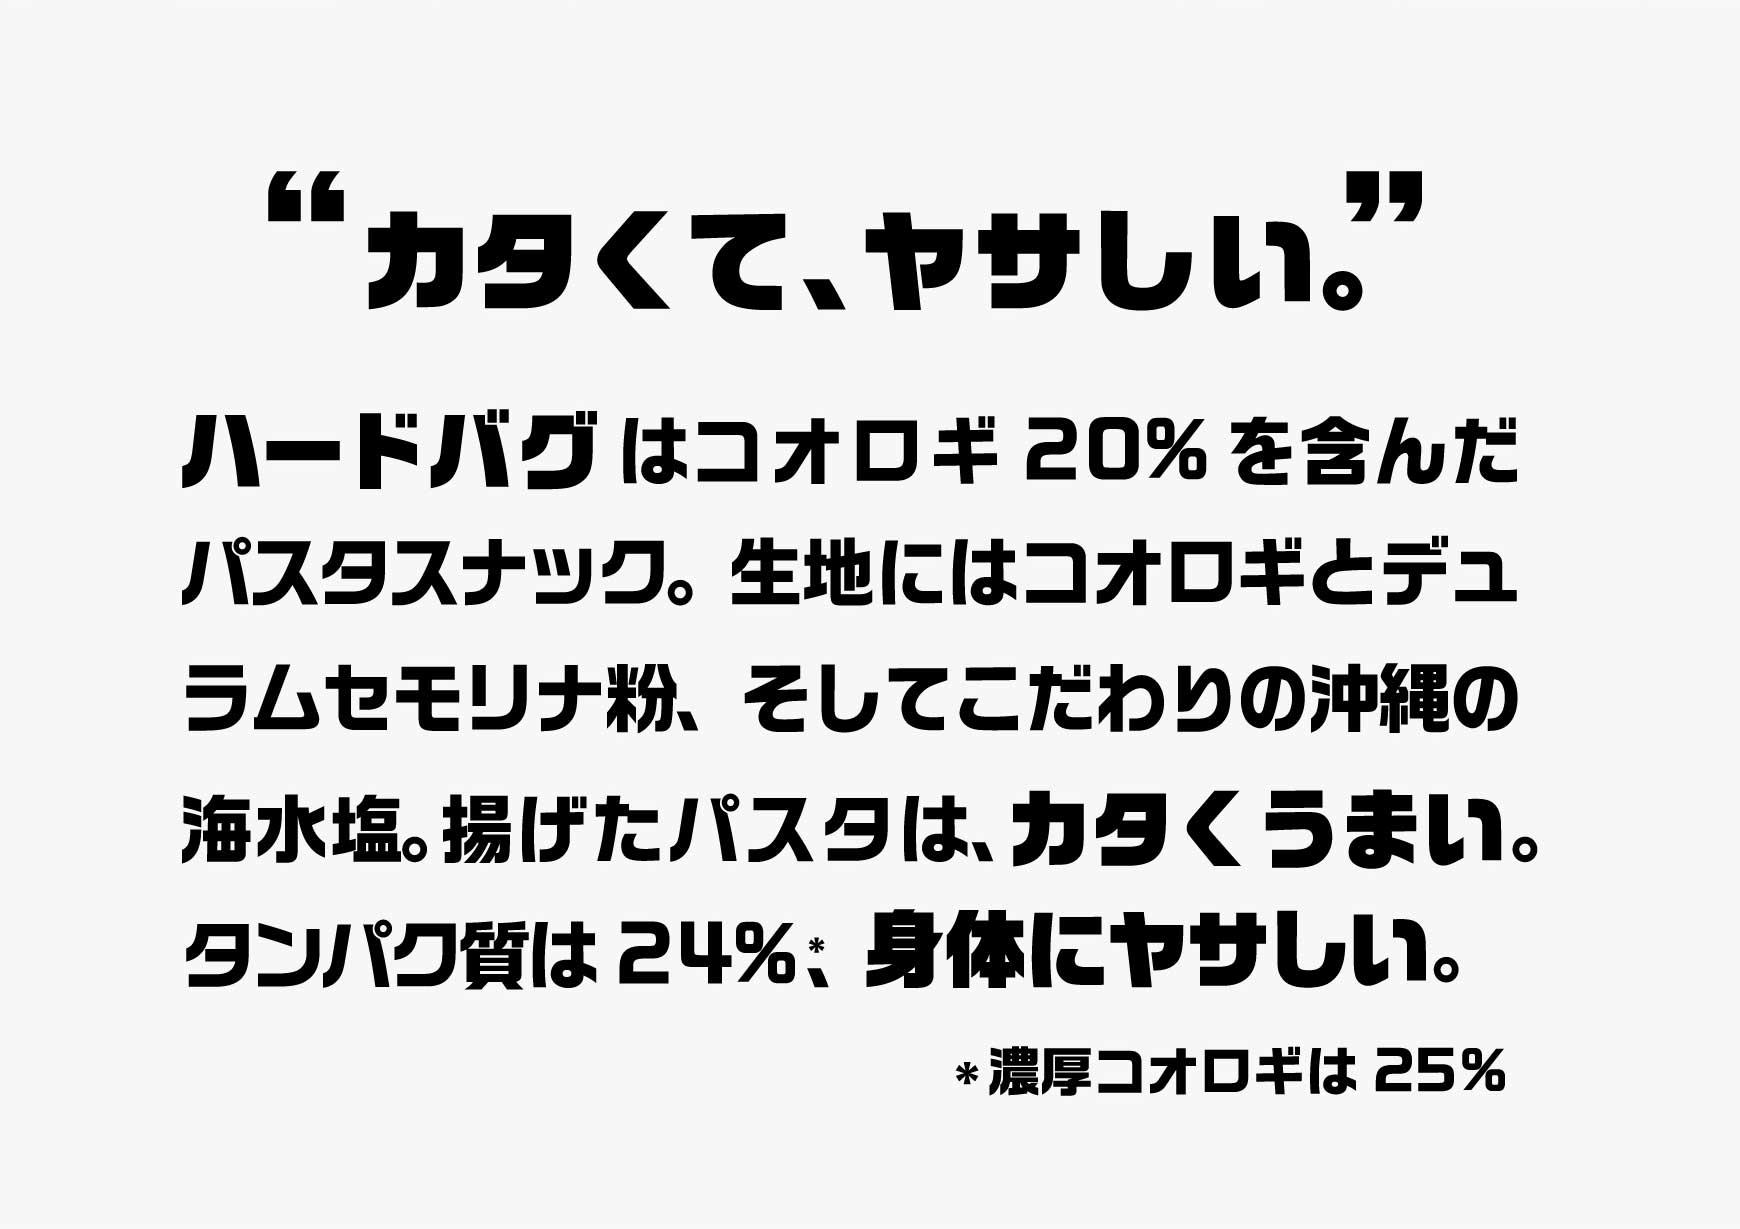 カタくて、ヤサしい ハードバグはコオロギ20%を含んだパスタスナック。生地にはコオロギとデュラムセモリナ粉、そしてこだわりの沖縄の海水塩。揚げたパスタは、カタくうまい。タンパク質は25%、身体にヤサしい。